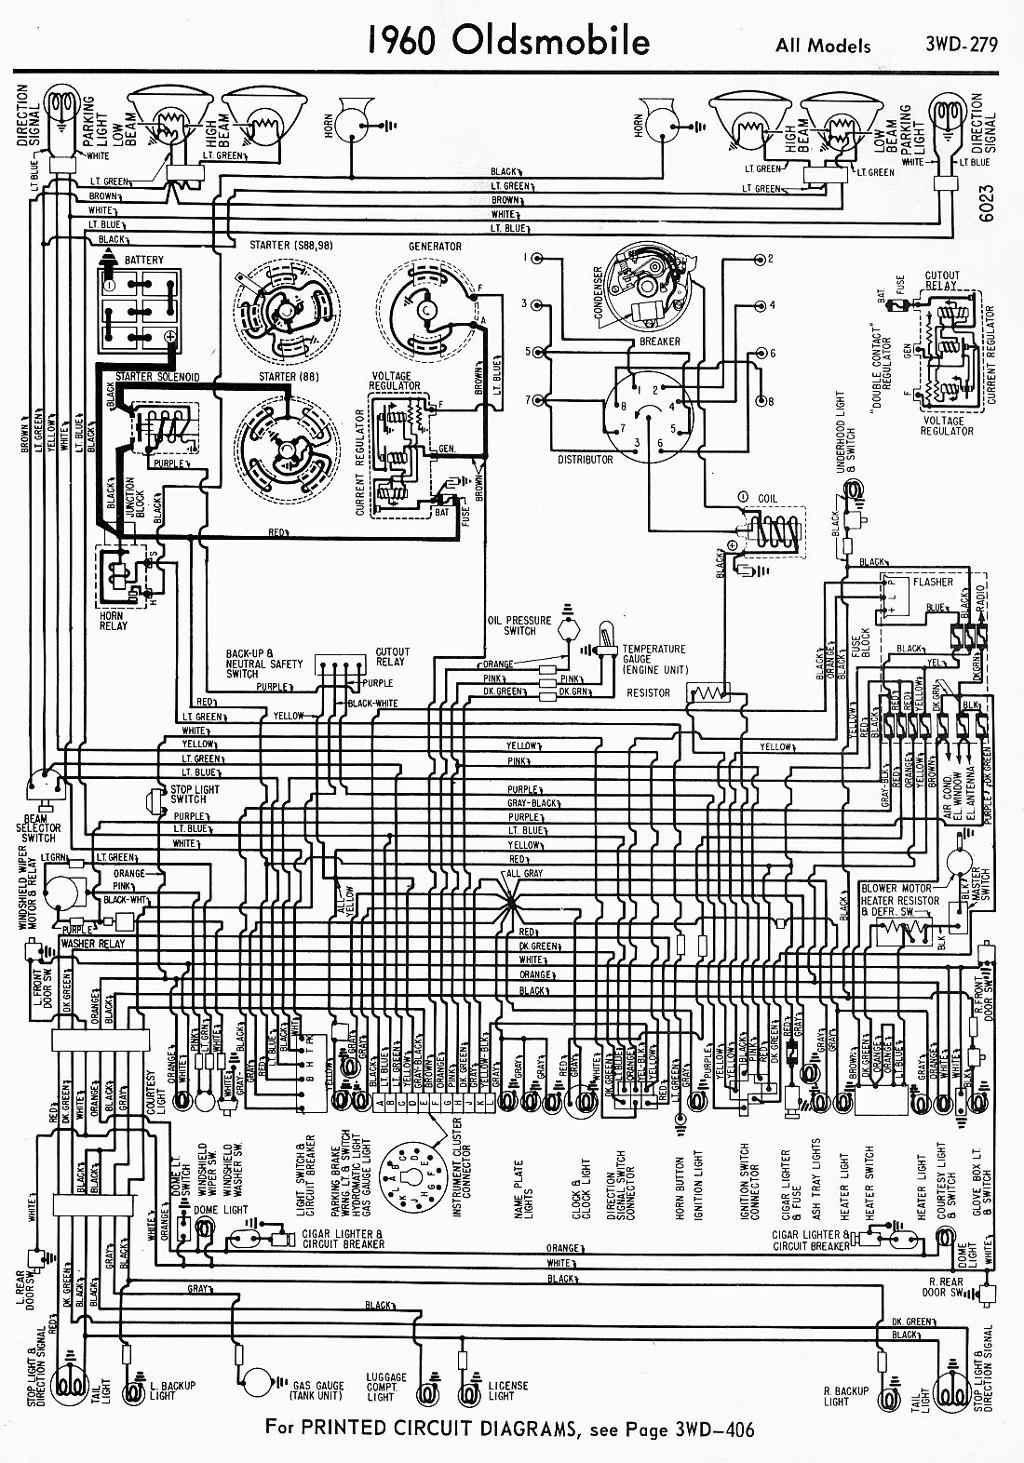 1950 Cadillac Wiring Schematic Library Diagrams Of 1957 58 Eldorado Brougham Part 1 Oldsmobile Diagram Enthusiast U2022 65